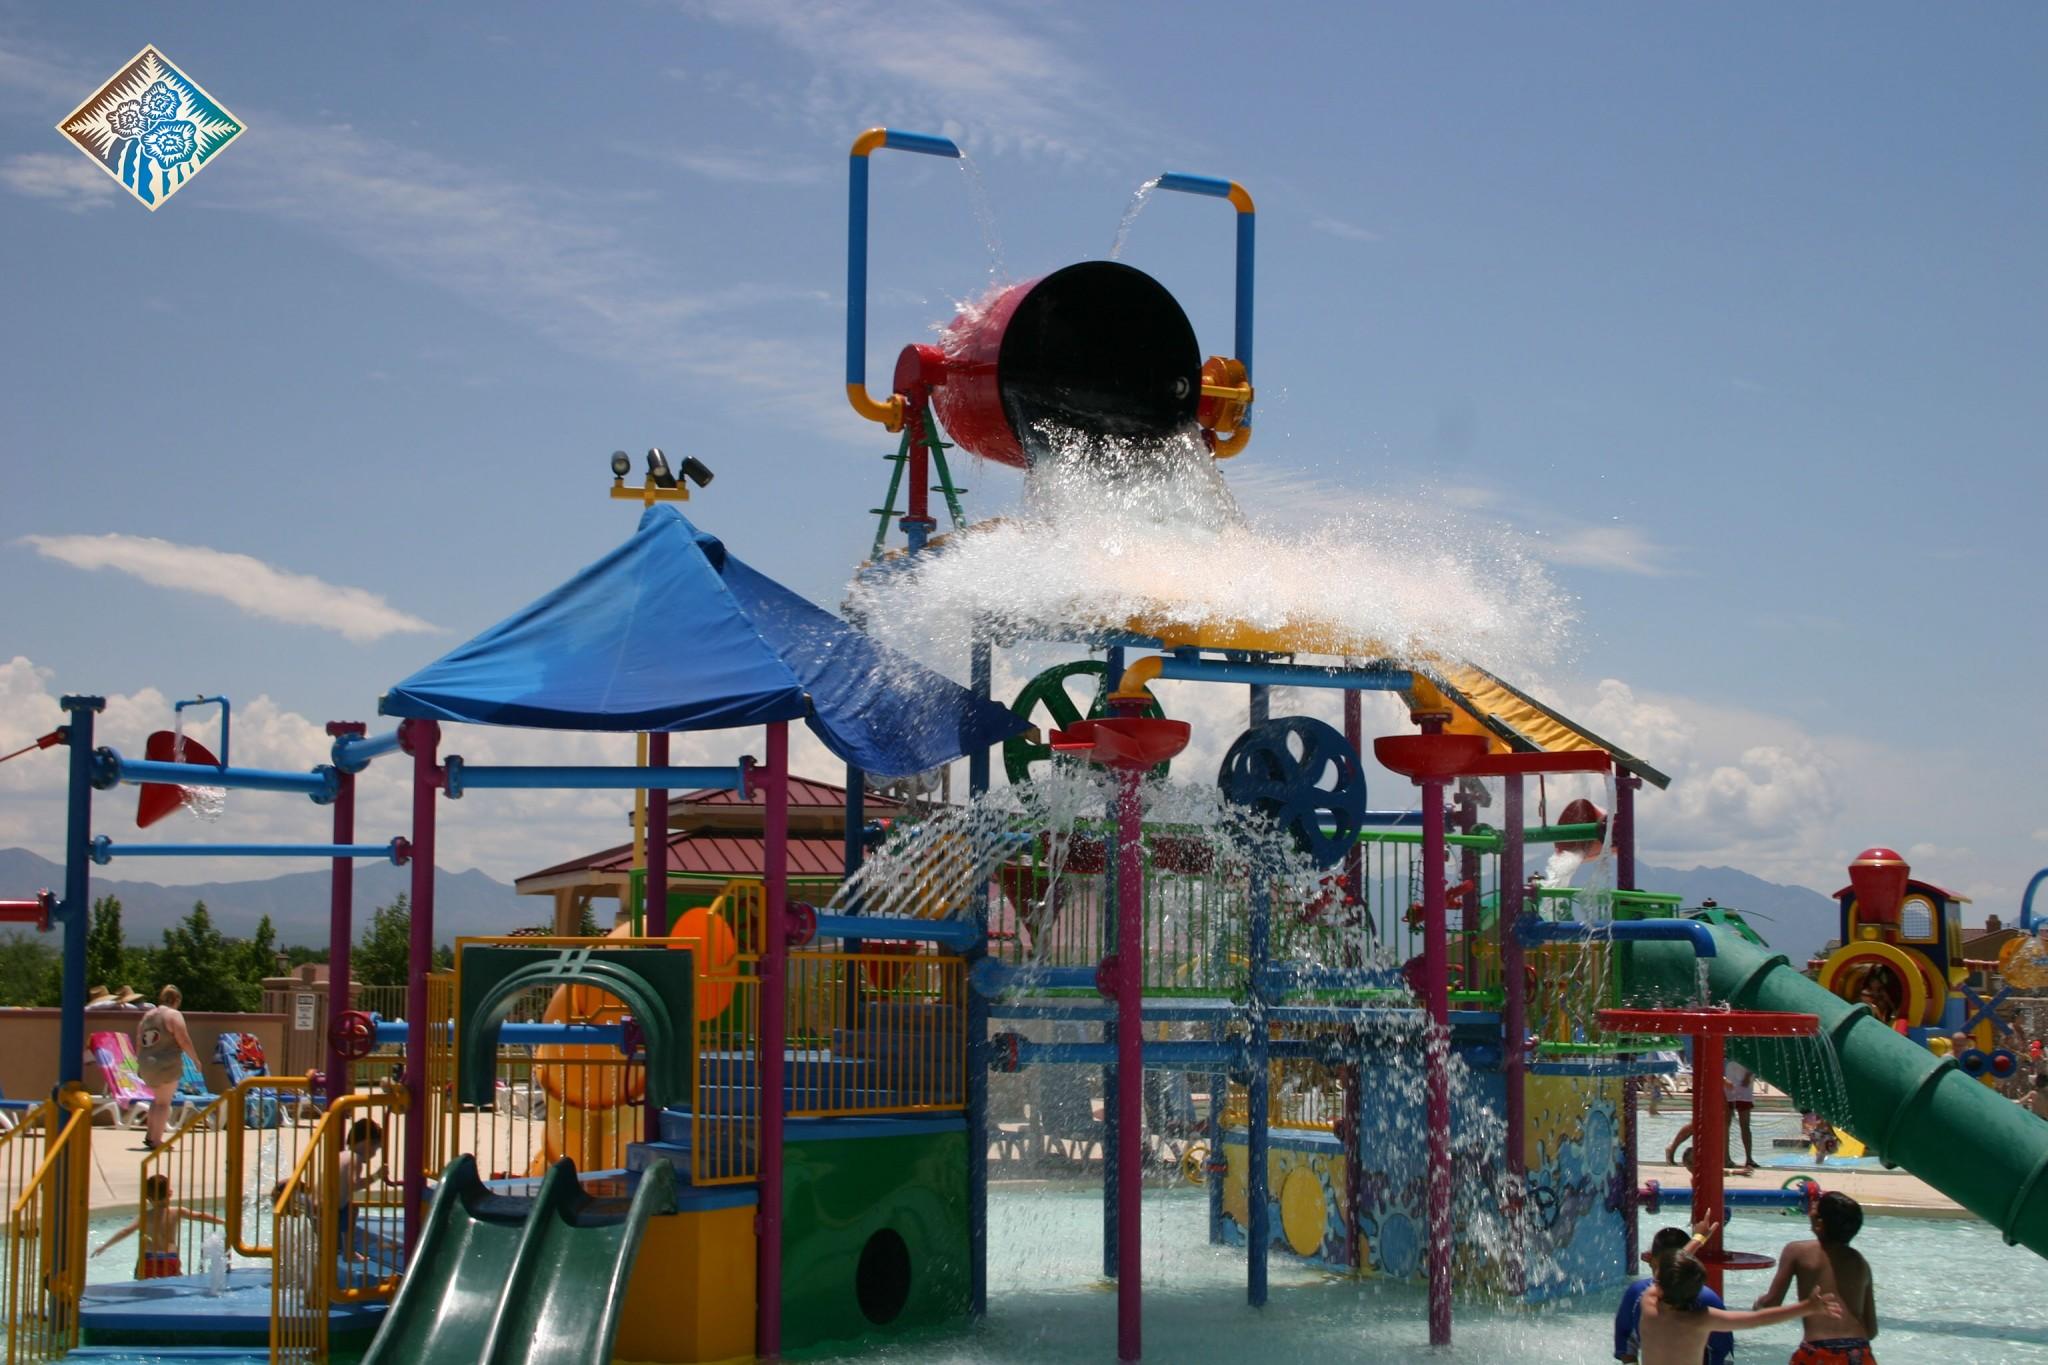 Rancho-Sahuarita-Splash-Park